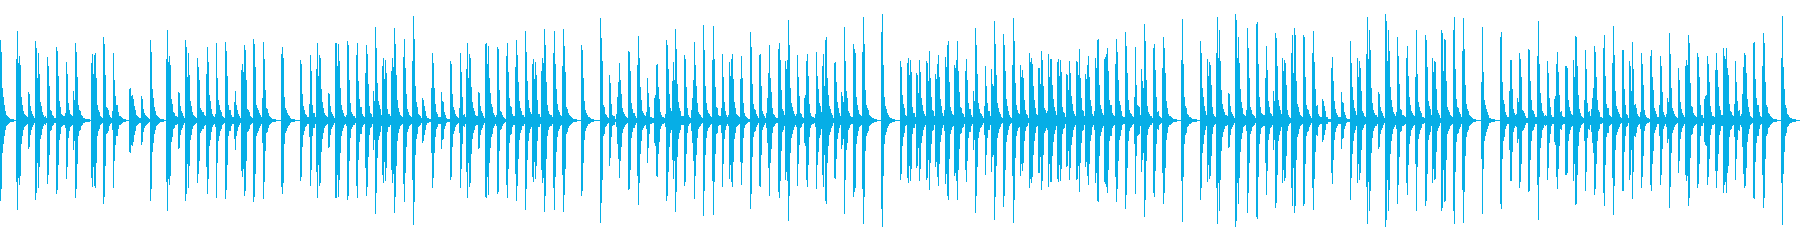 ゲームや動画向けゆるい日常系木管三重奏の再生済みの波形